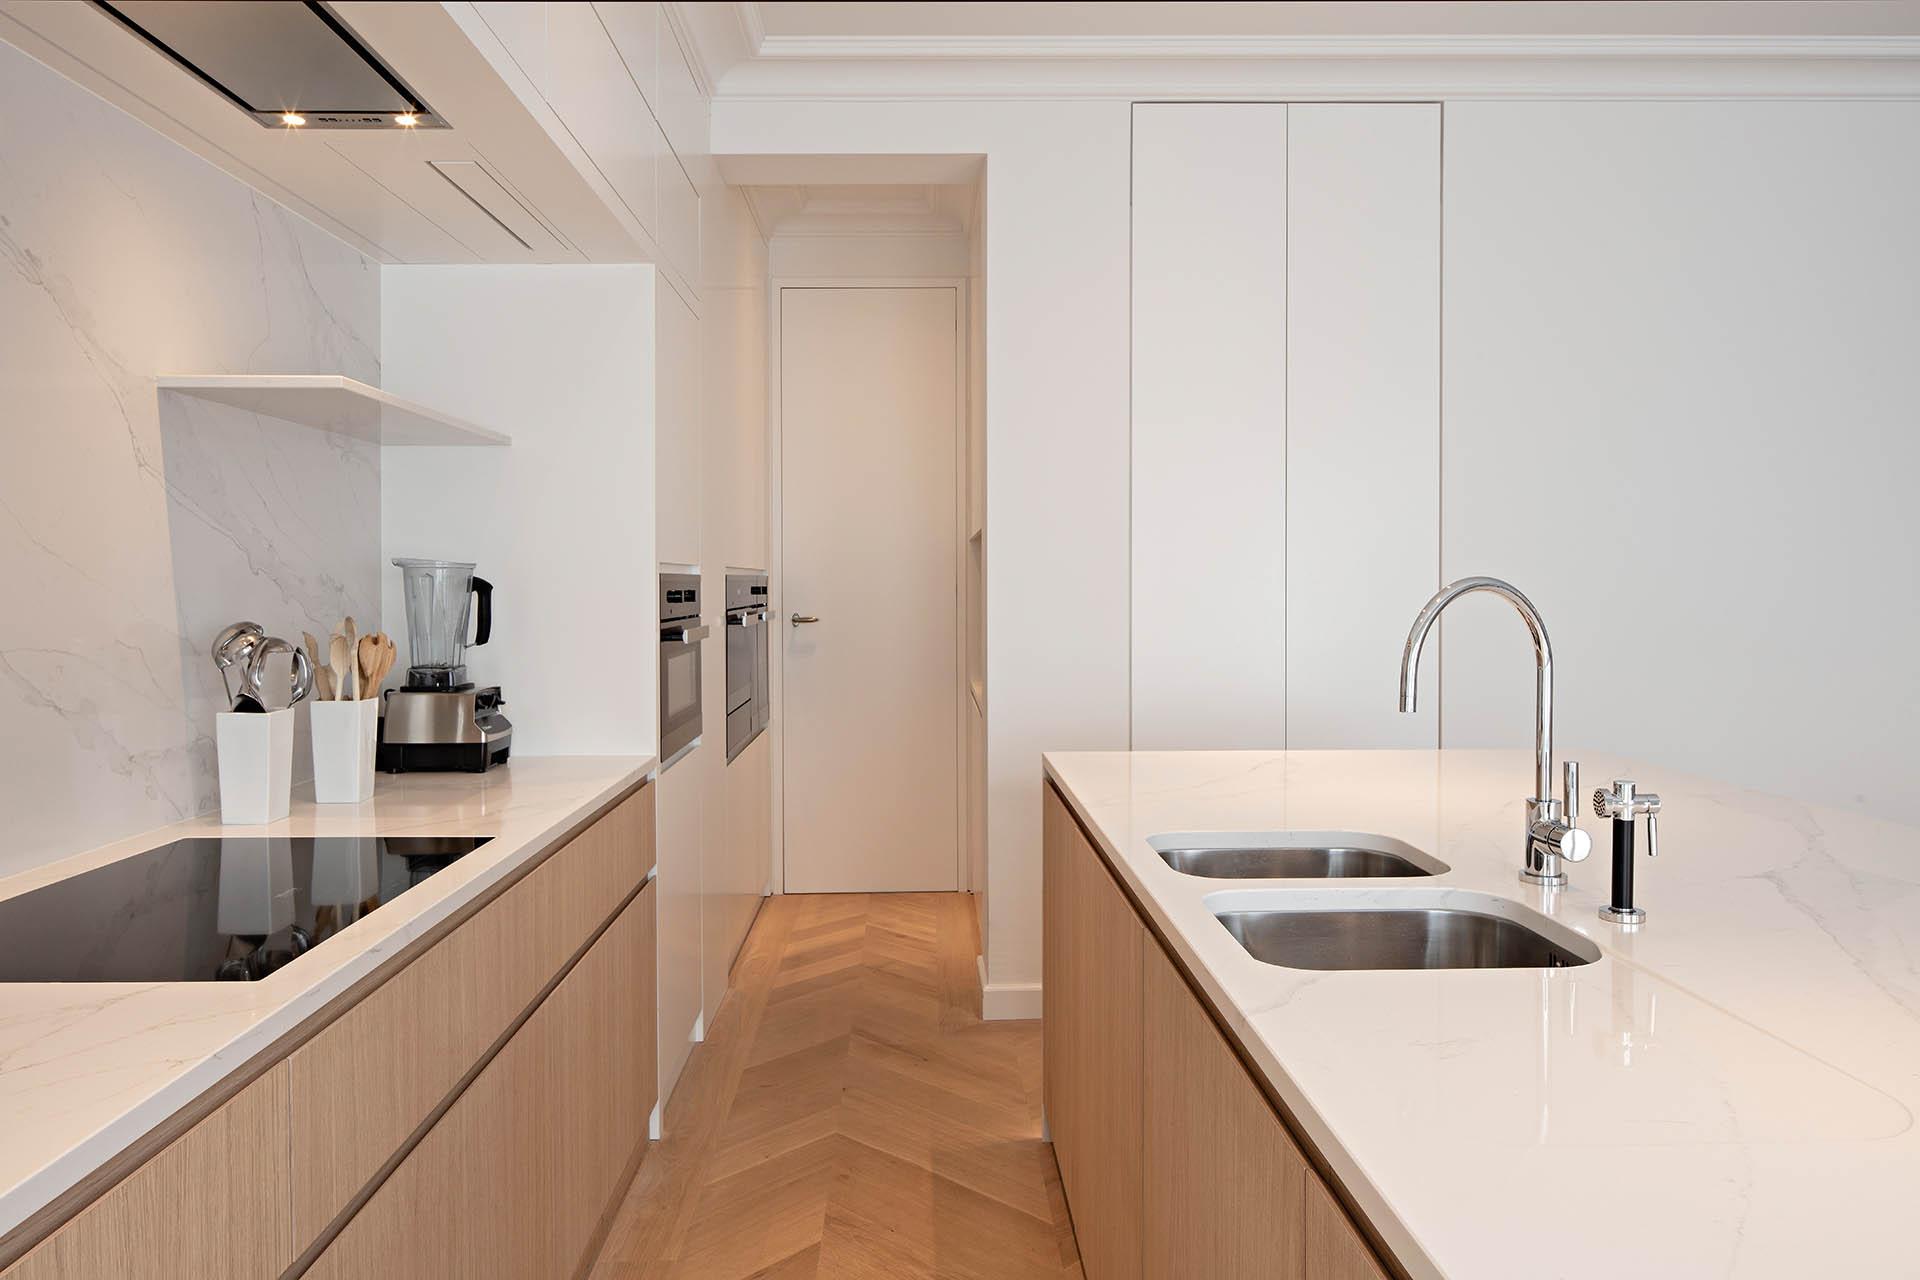 Praktische Designküche mit pflegeleichten Unterbaubecken und flächenbündigem Kochfeld